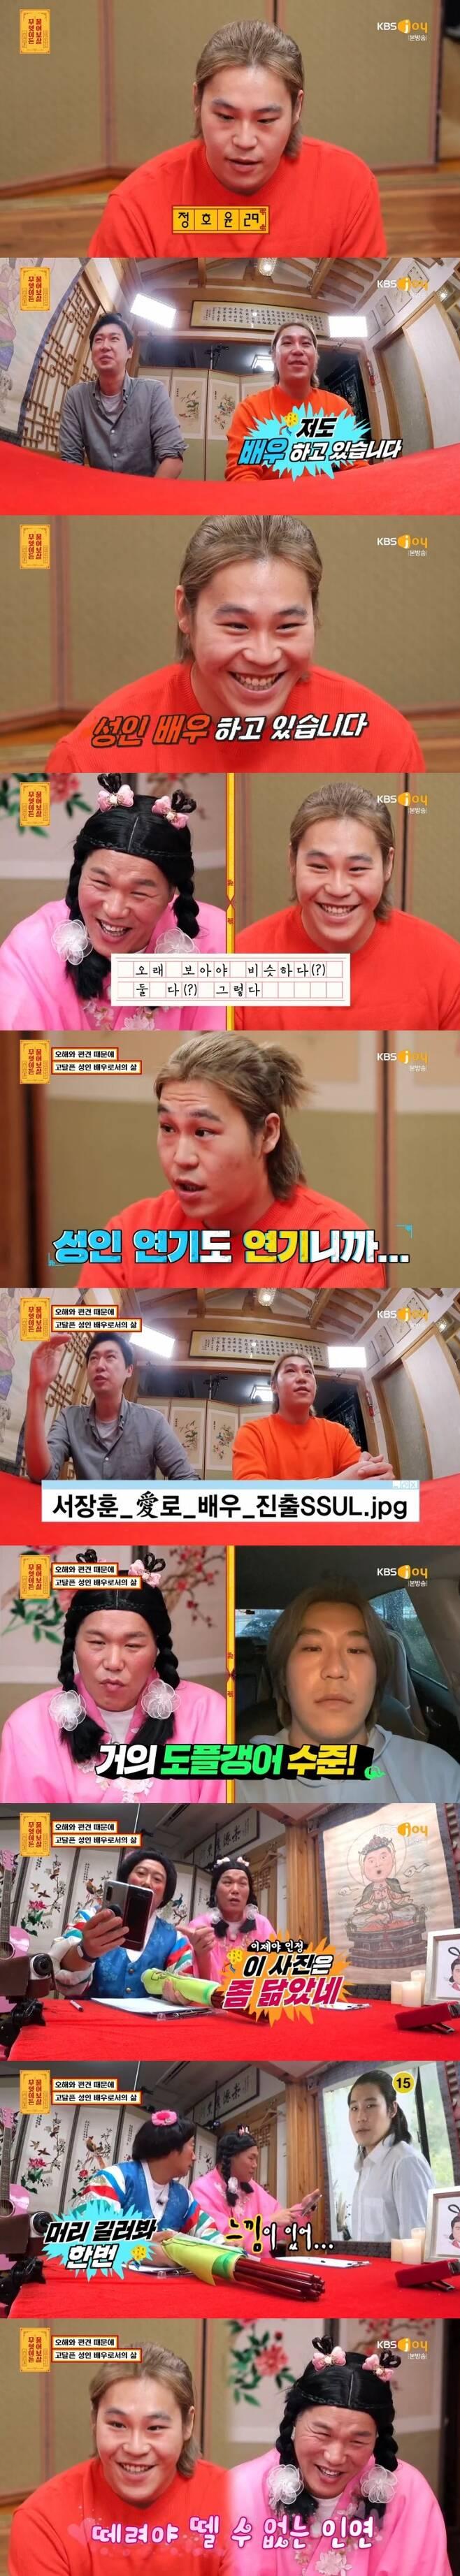 KBS Joy '무엇이든 물어보살' 캡처 © 뉴스1